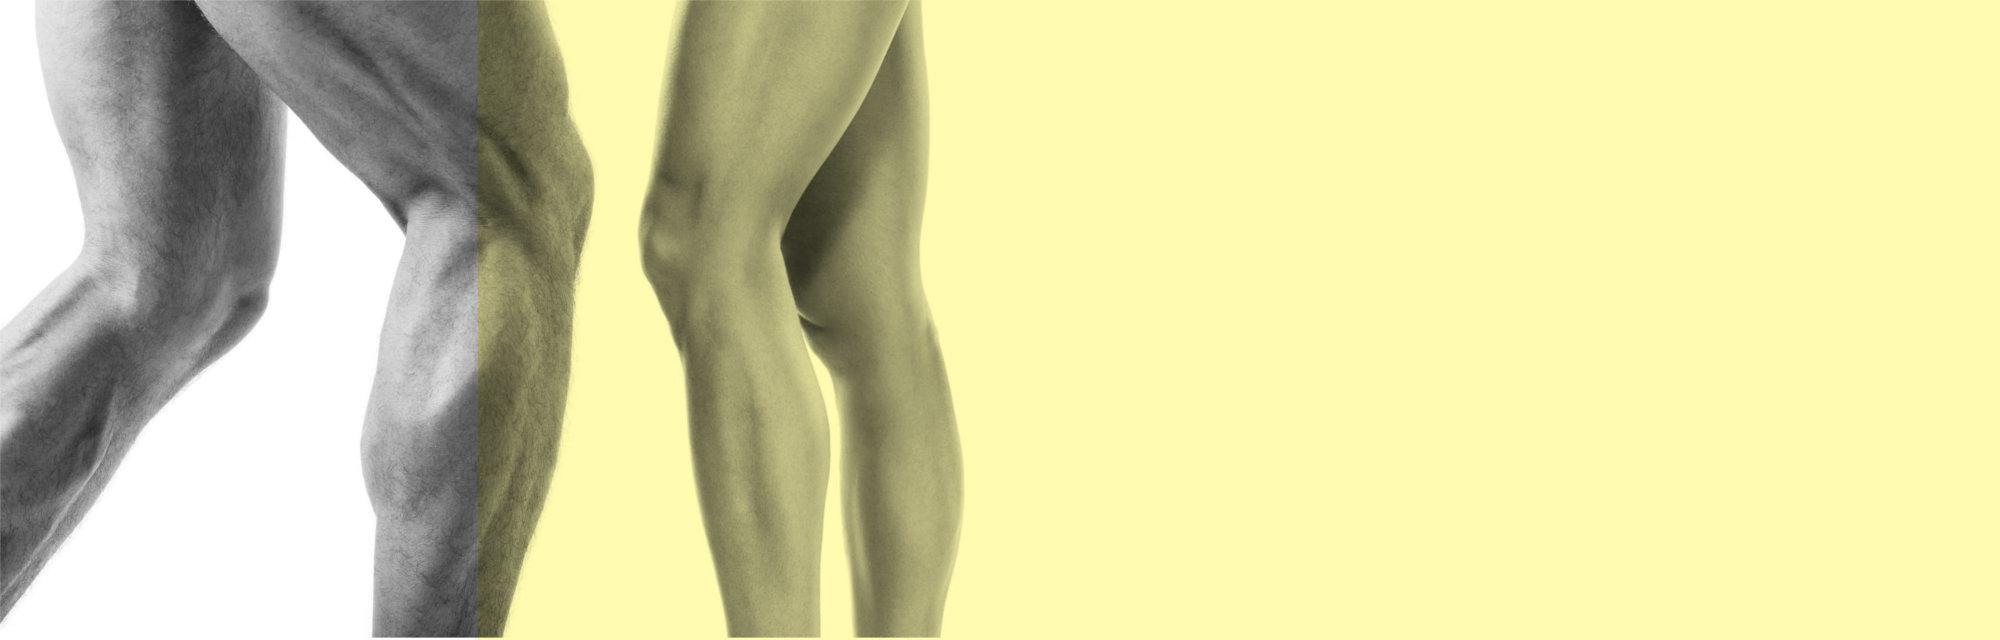 Gambe di un uomo e di una donna